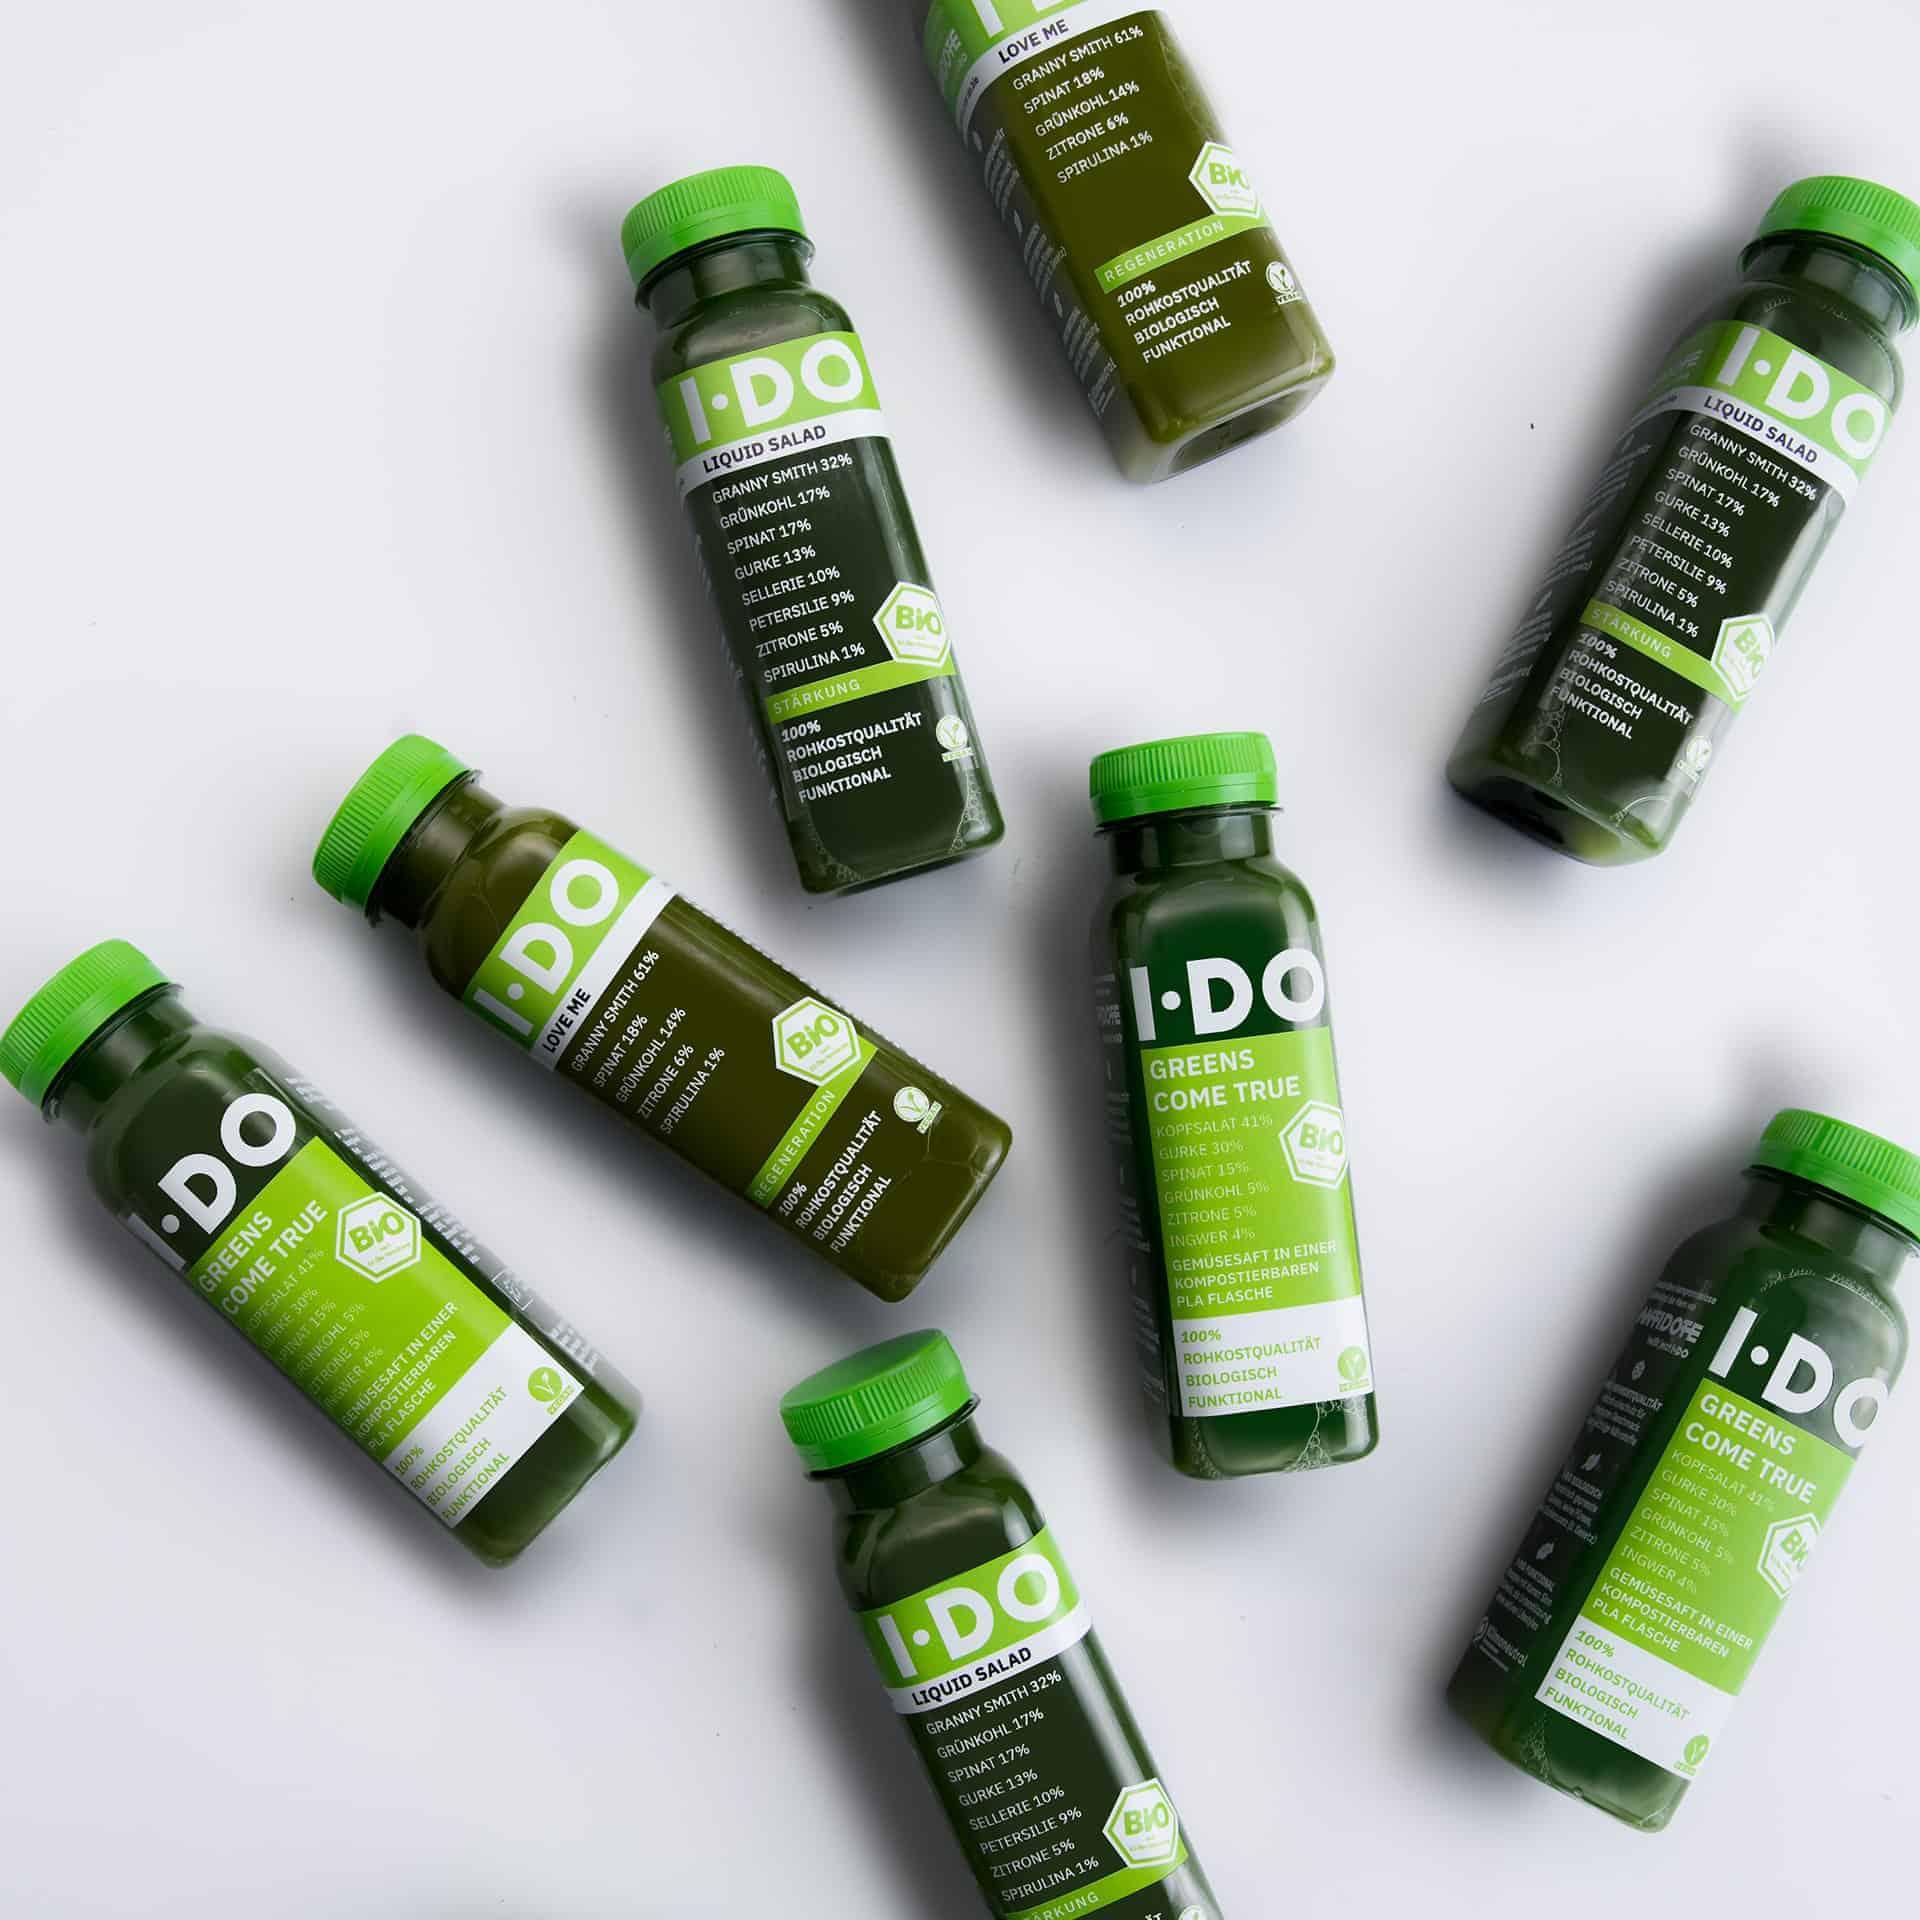 IDO Super Green Bio Saftkur Säfte auf weißem Hintergrund